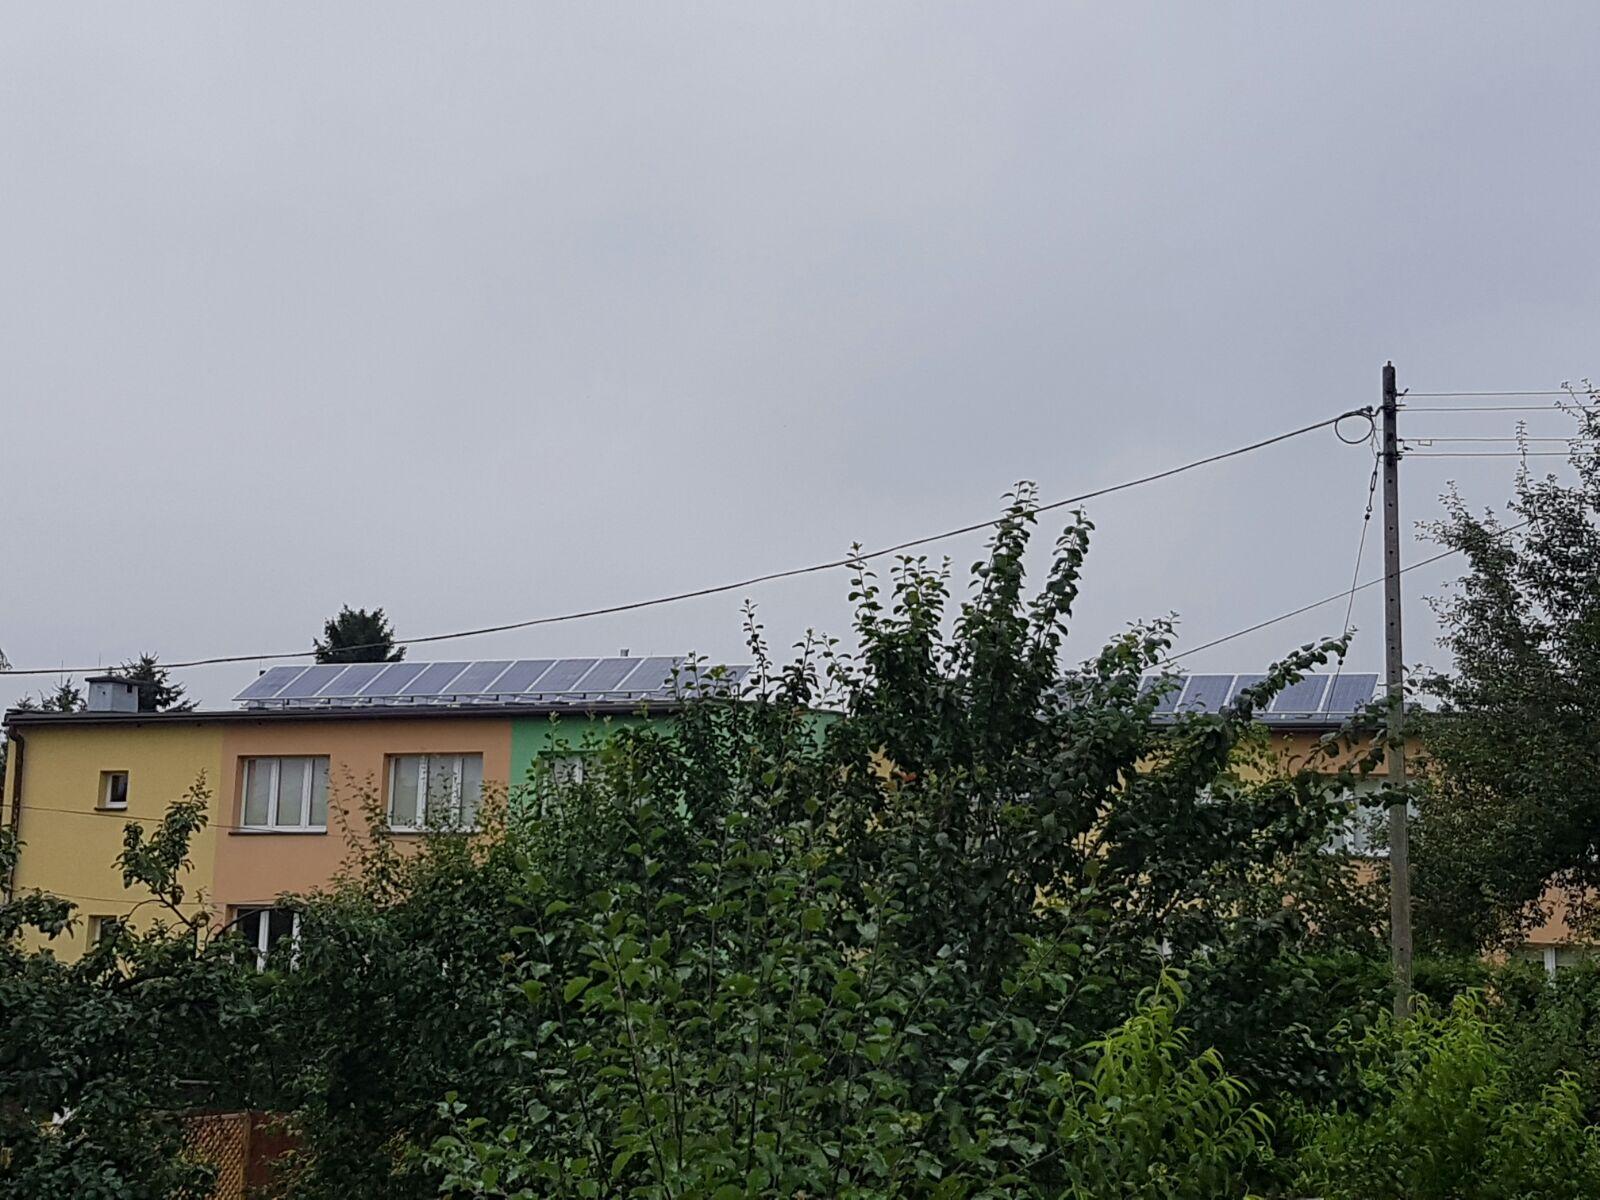 Będzie łatwiej dostać kasę na fotowoltaikę i solary. W Andrychowie tworzy się klaster energii